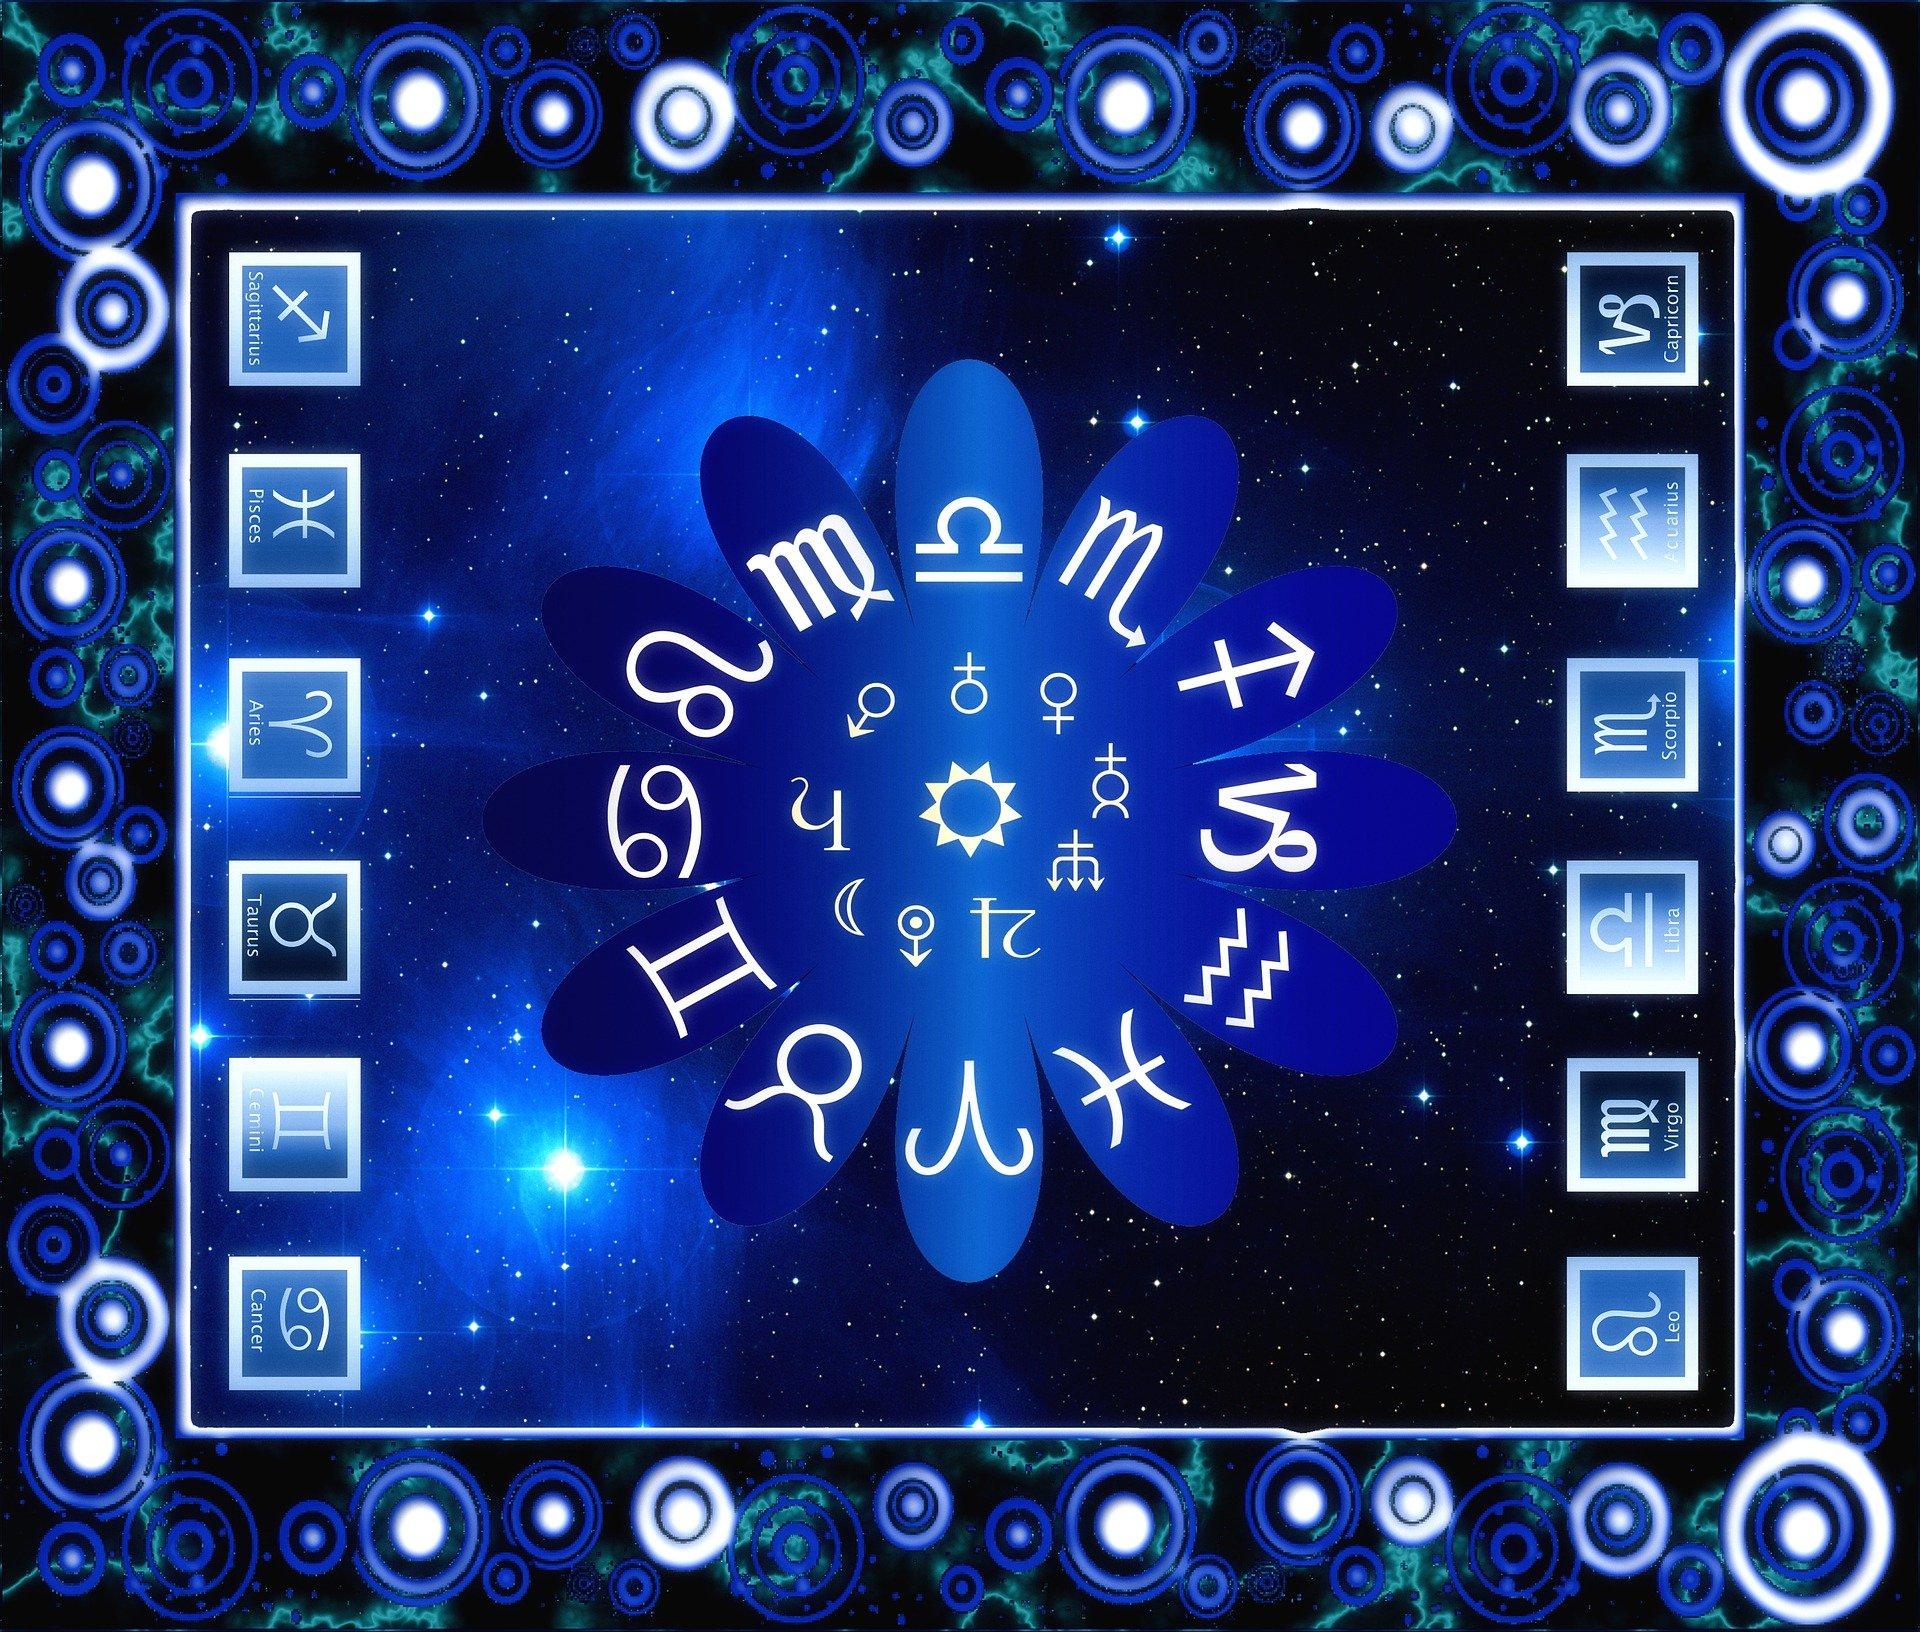 Los horóscopos están repletos de vaguedades que favorecen el efecto Forer.